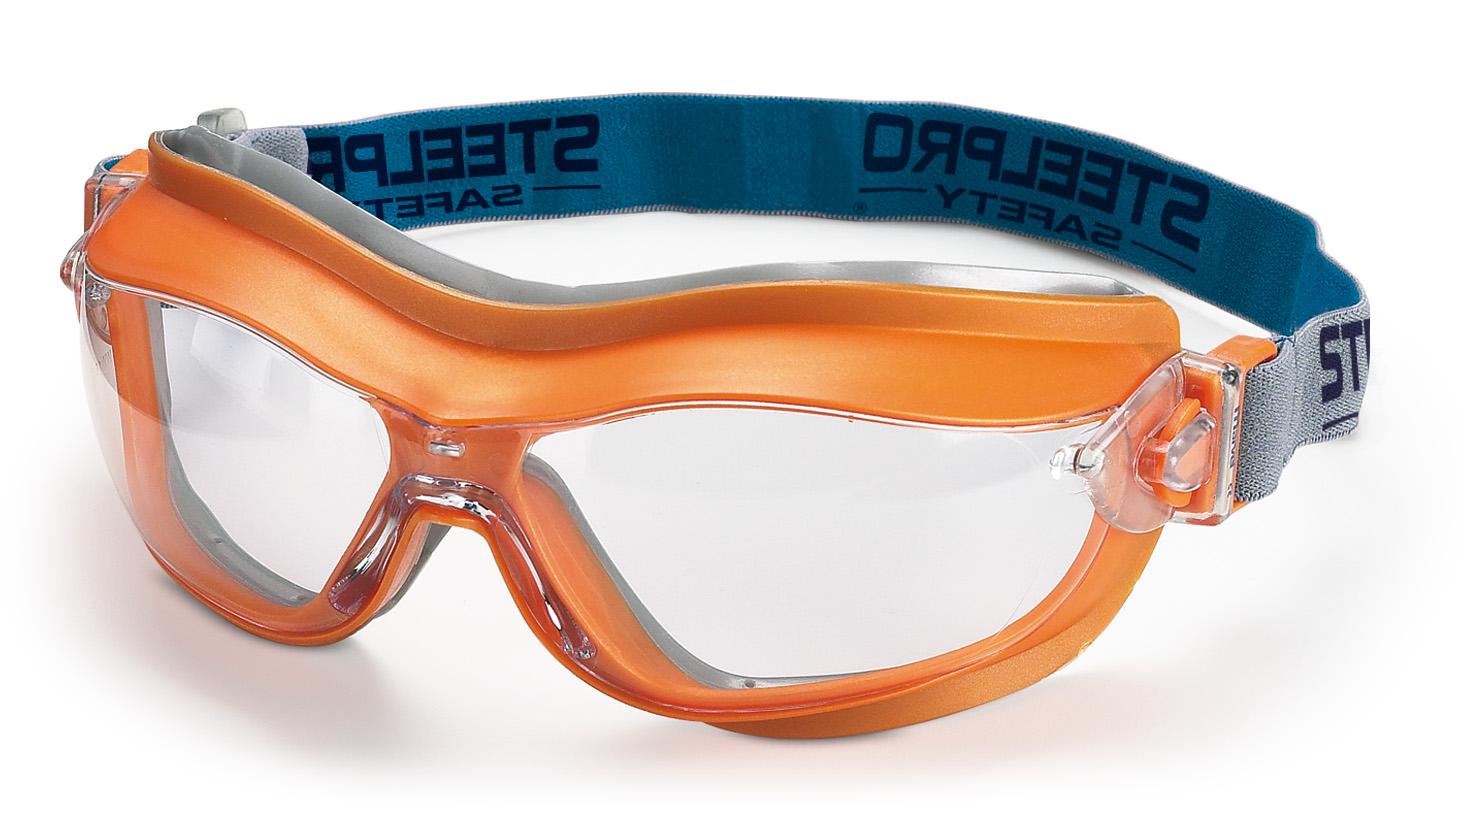 2188-GISRX Protecção Ocular Oculos armadura integral - Linha Pro Mod. Mod.